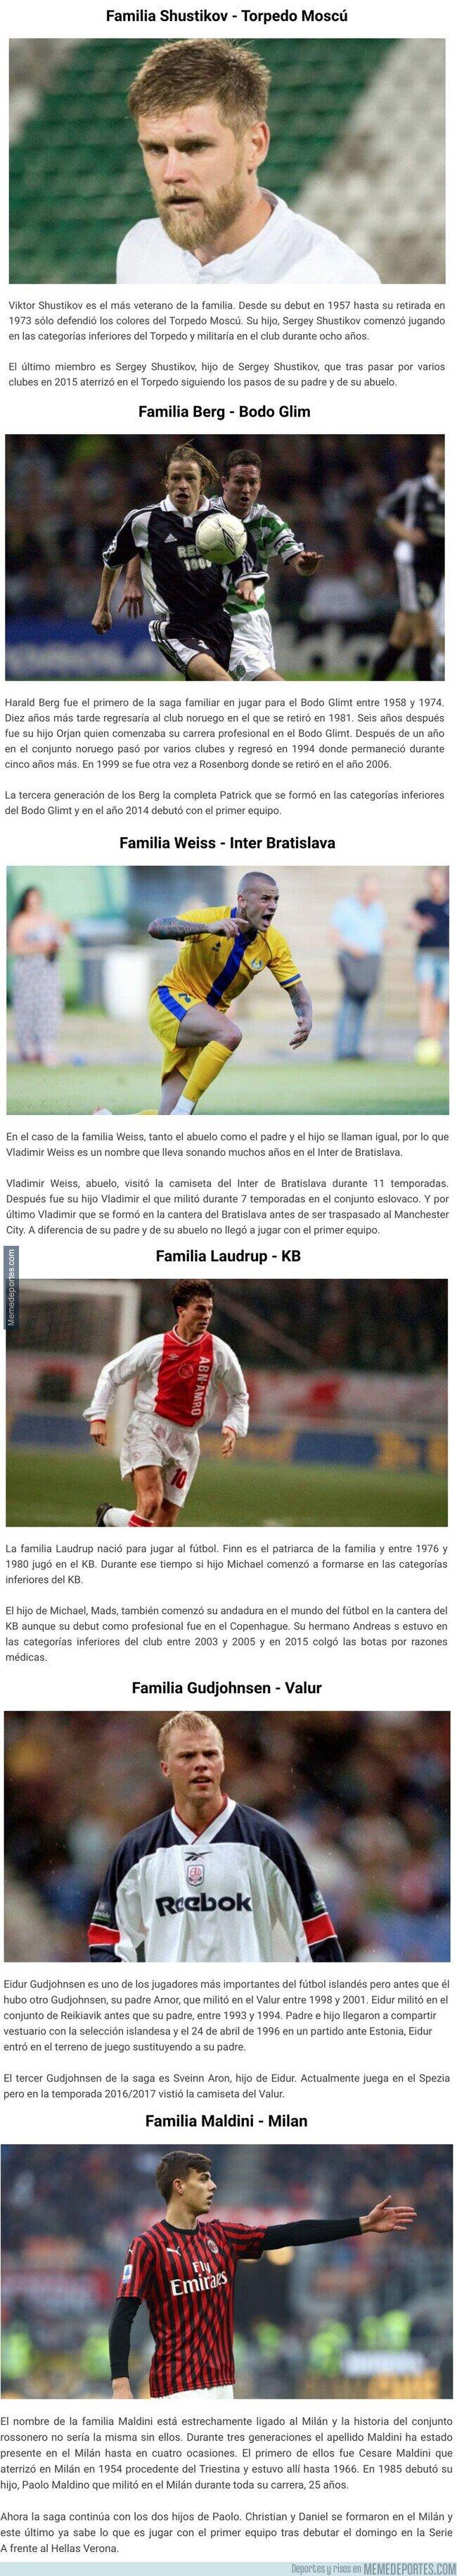 1097497 - 6 futbolistas que jugaron en el mismo equipo que sus padres y abuelos